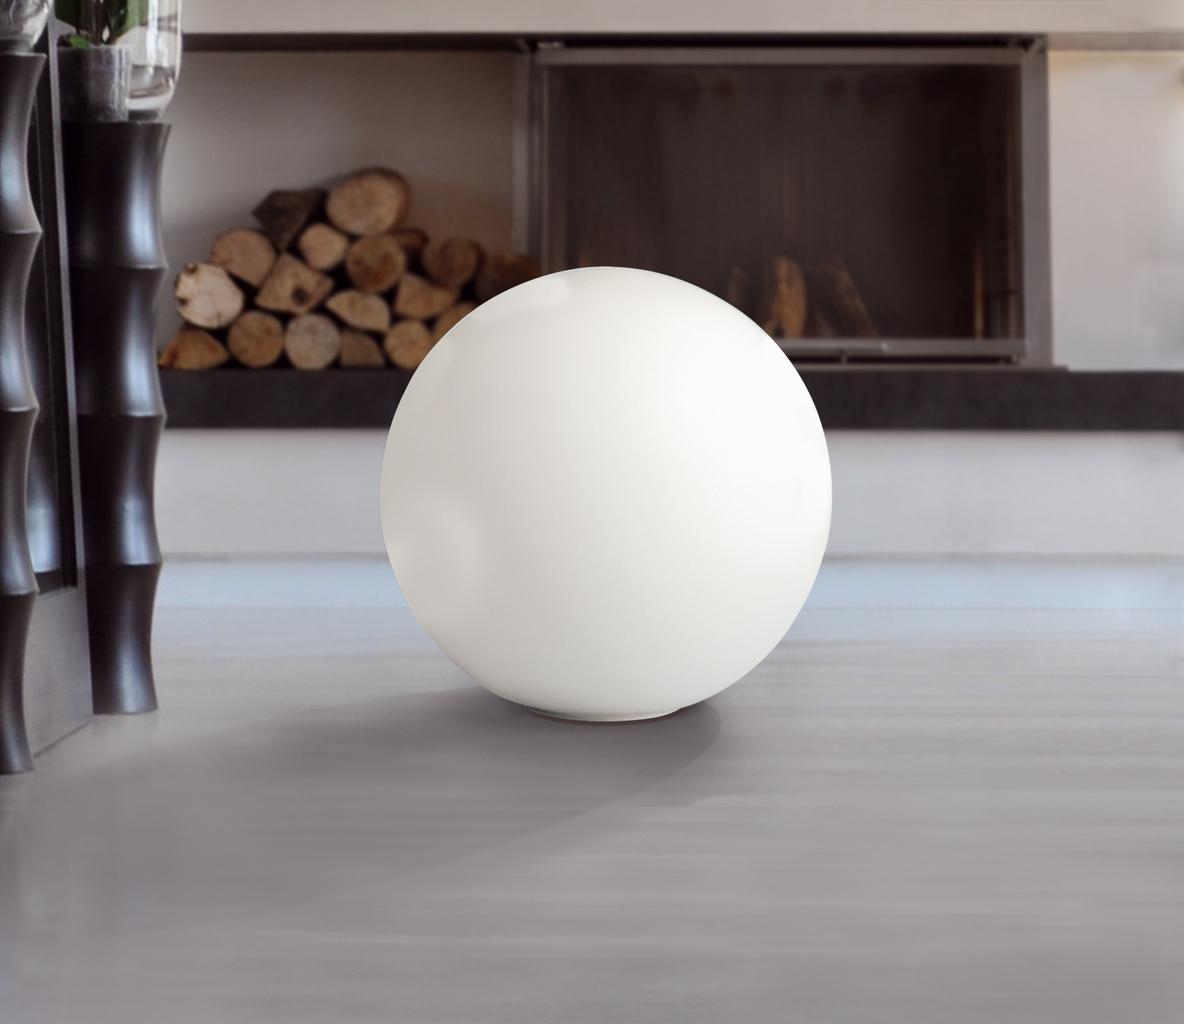 wofi-tisch-kugelleuchte-point-wei-kunststoff-8248-01-06-0250